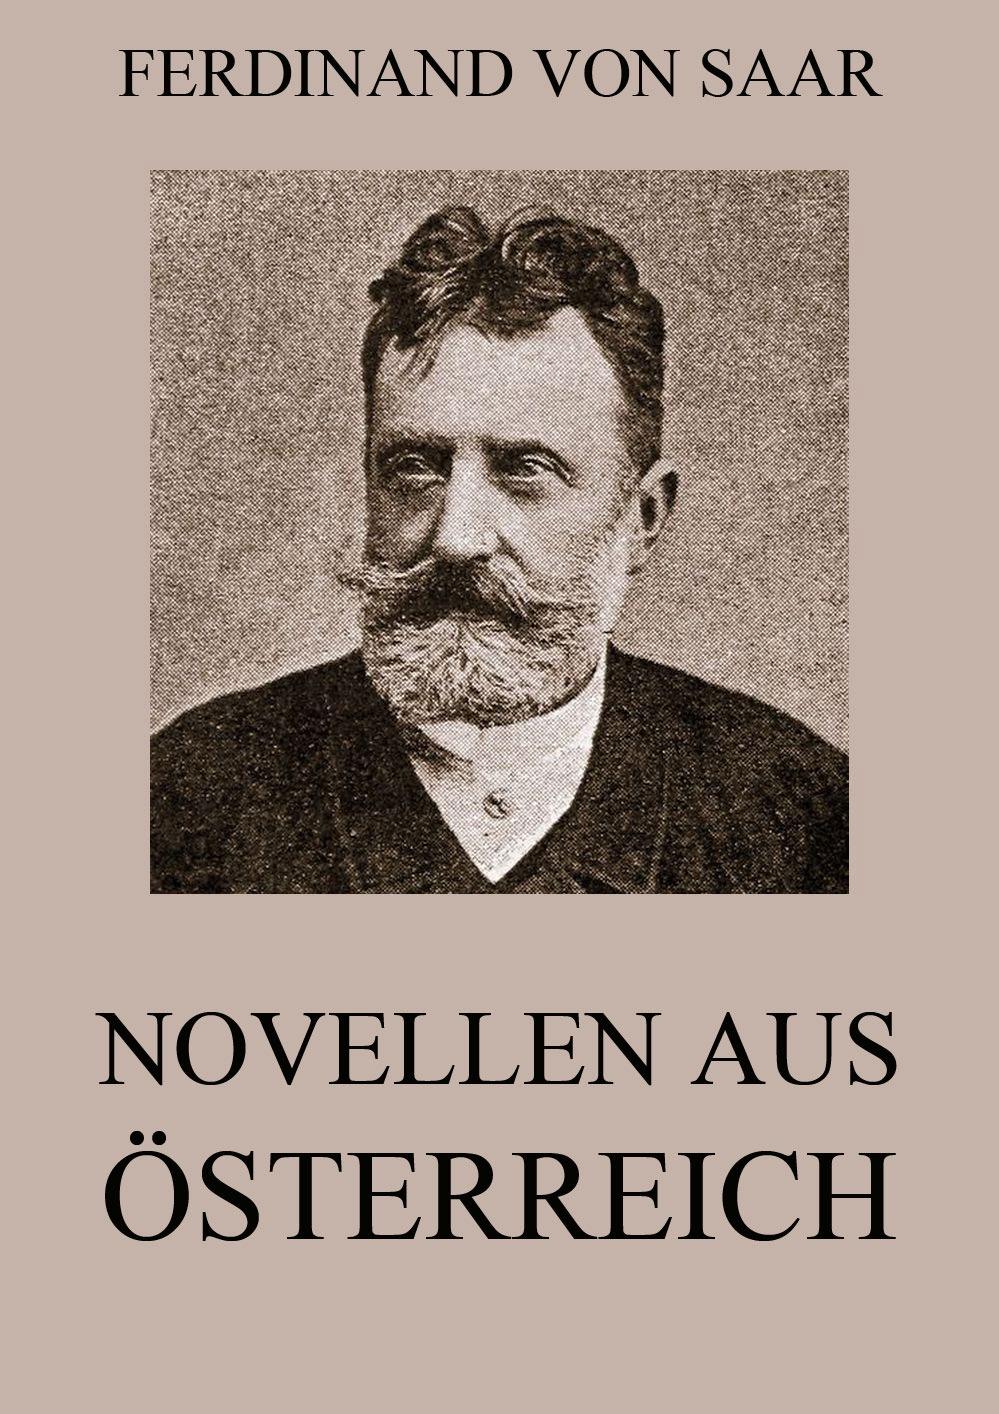 цена Ferdinand von Saar Novellen aus Österreich онлайн в 2017 году